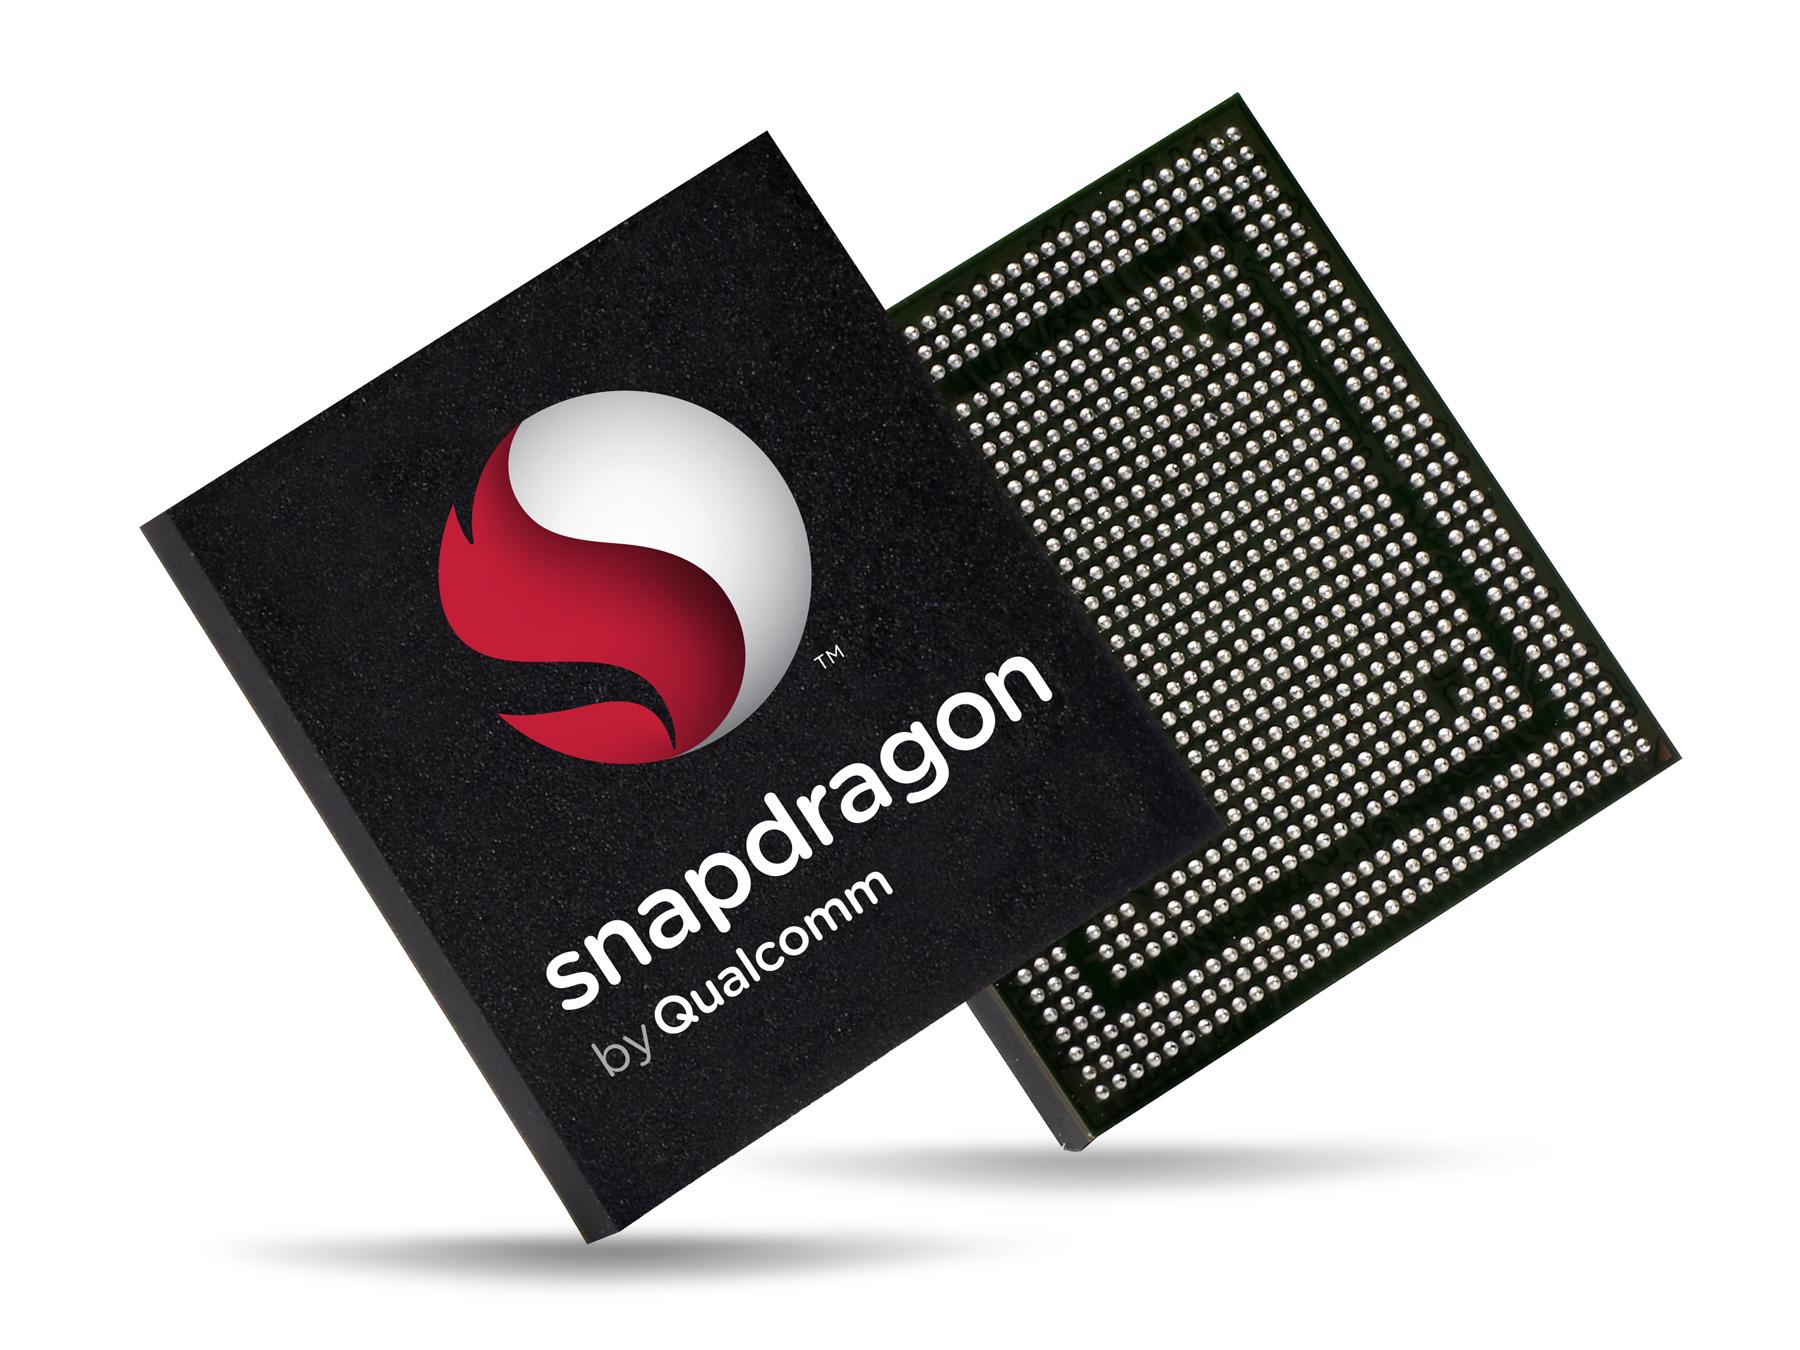 Snapdragon 821: presentata a IFA 2016 la nuova Cpu di Qualcomm